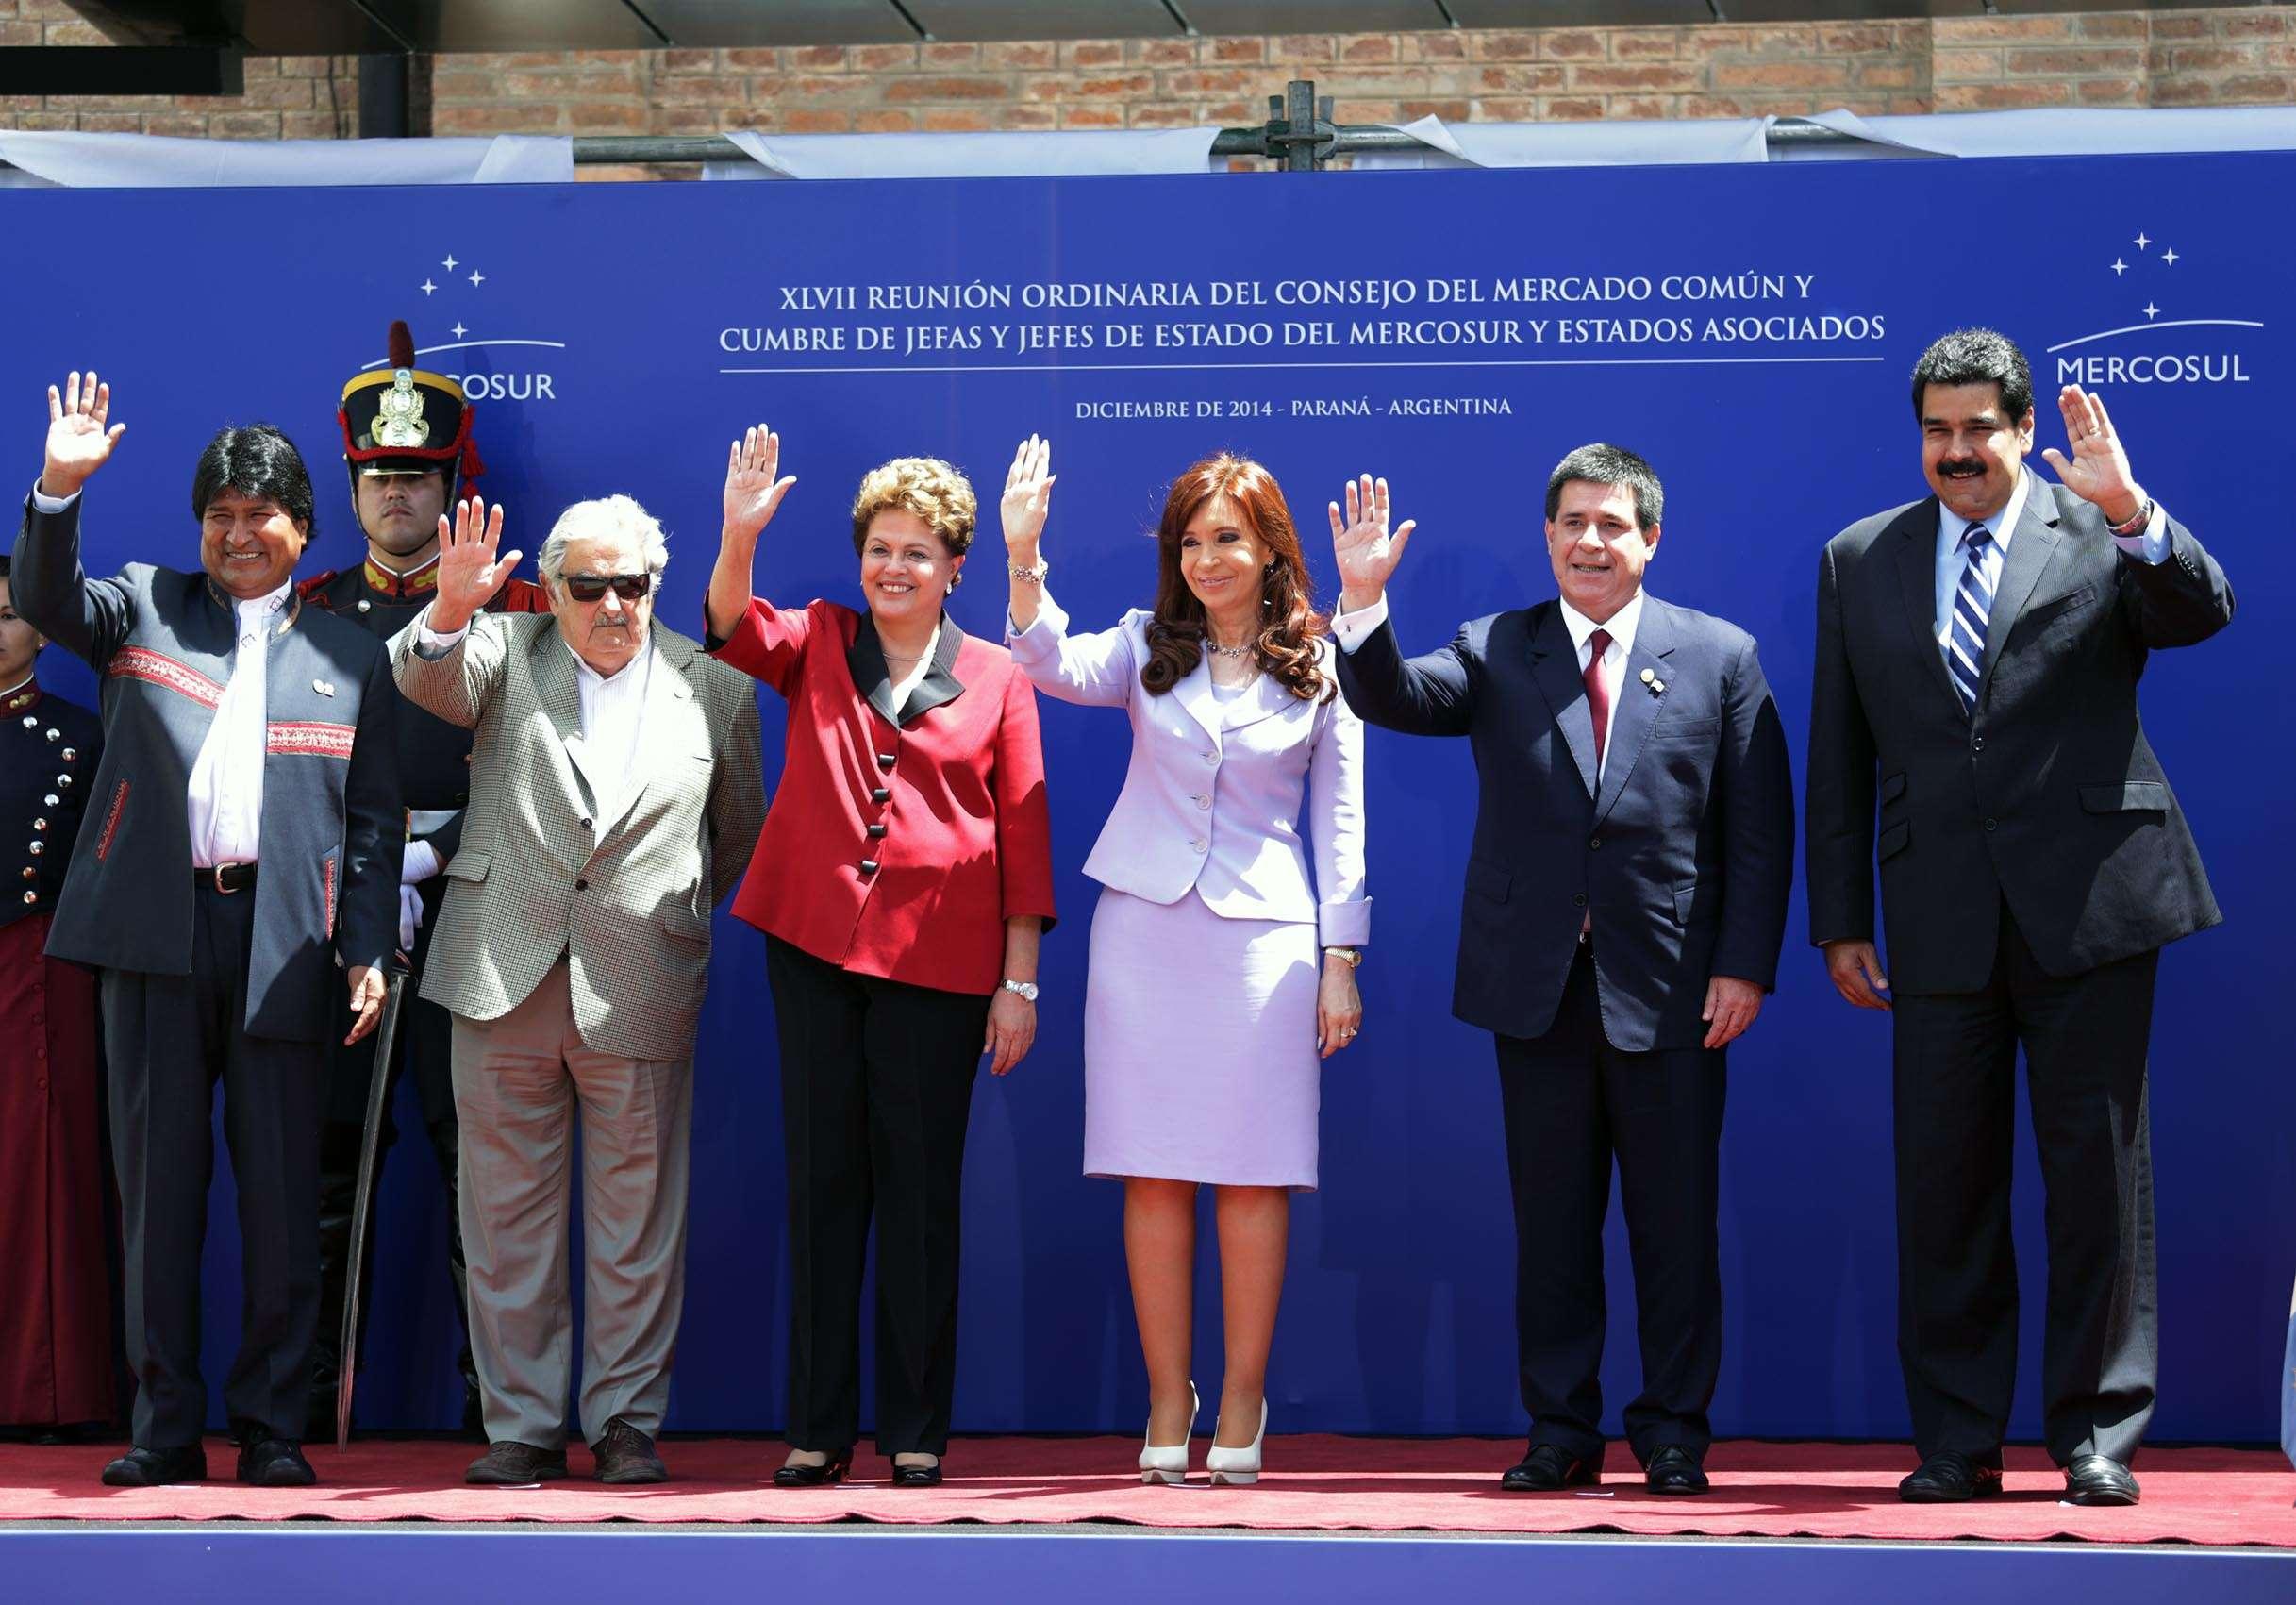 a presidenta Cristina Kirchner recibió esta mañana a sus pares de los países del Mercosur en el Centro Cultural y de Convenciones La Vieja Usina de la ciudad de Paraná. Foto: Noticias Argentinas